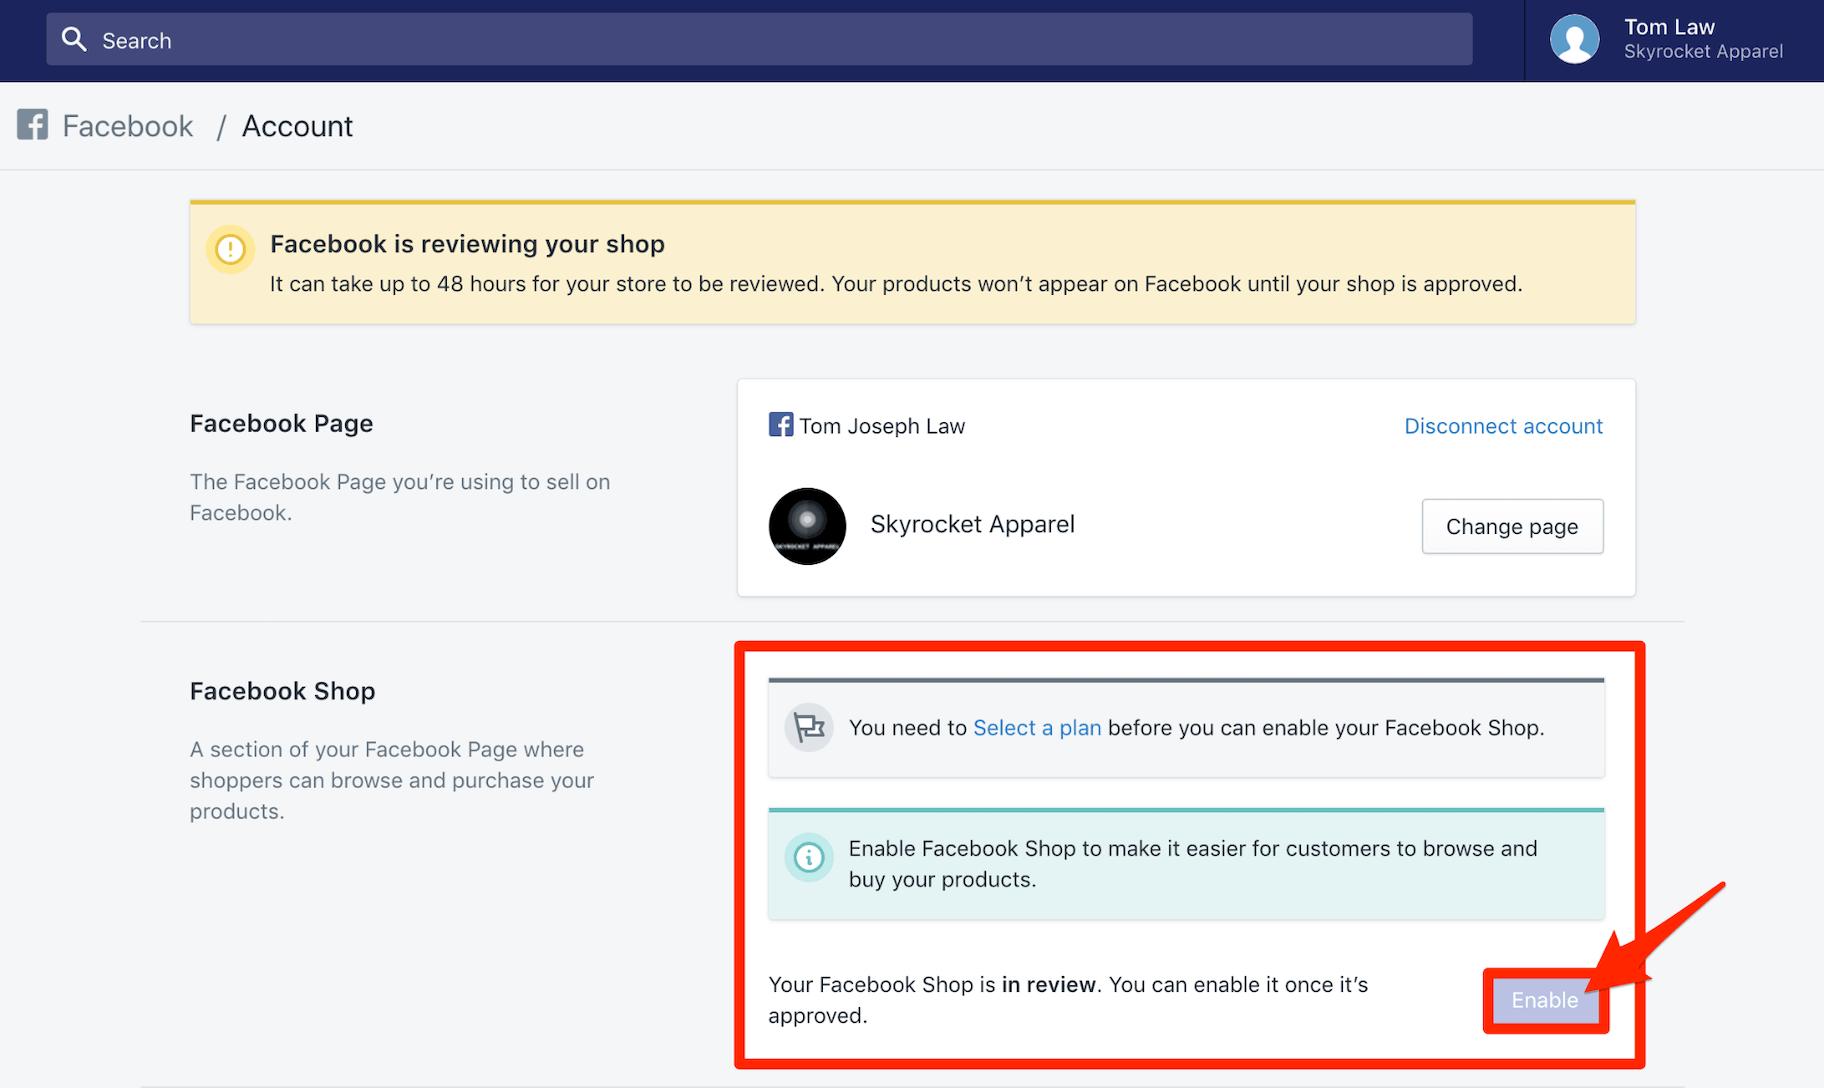 Enable Facebook Shop